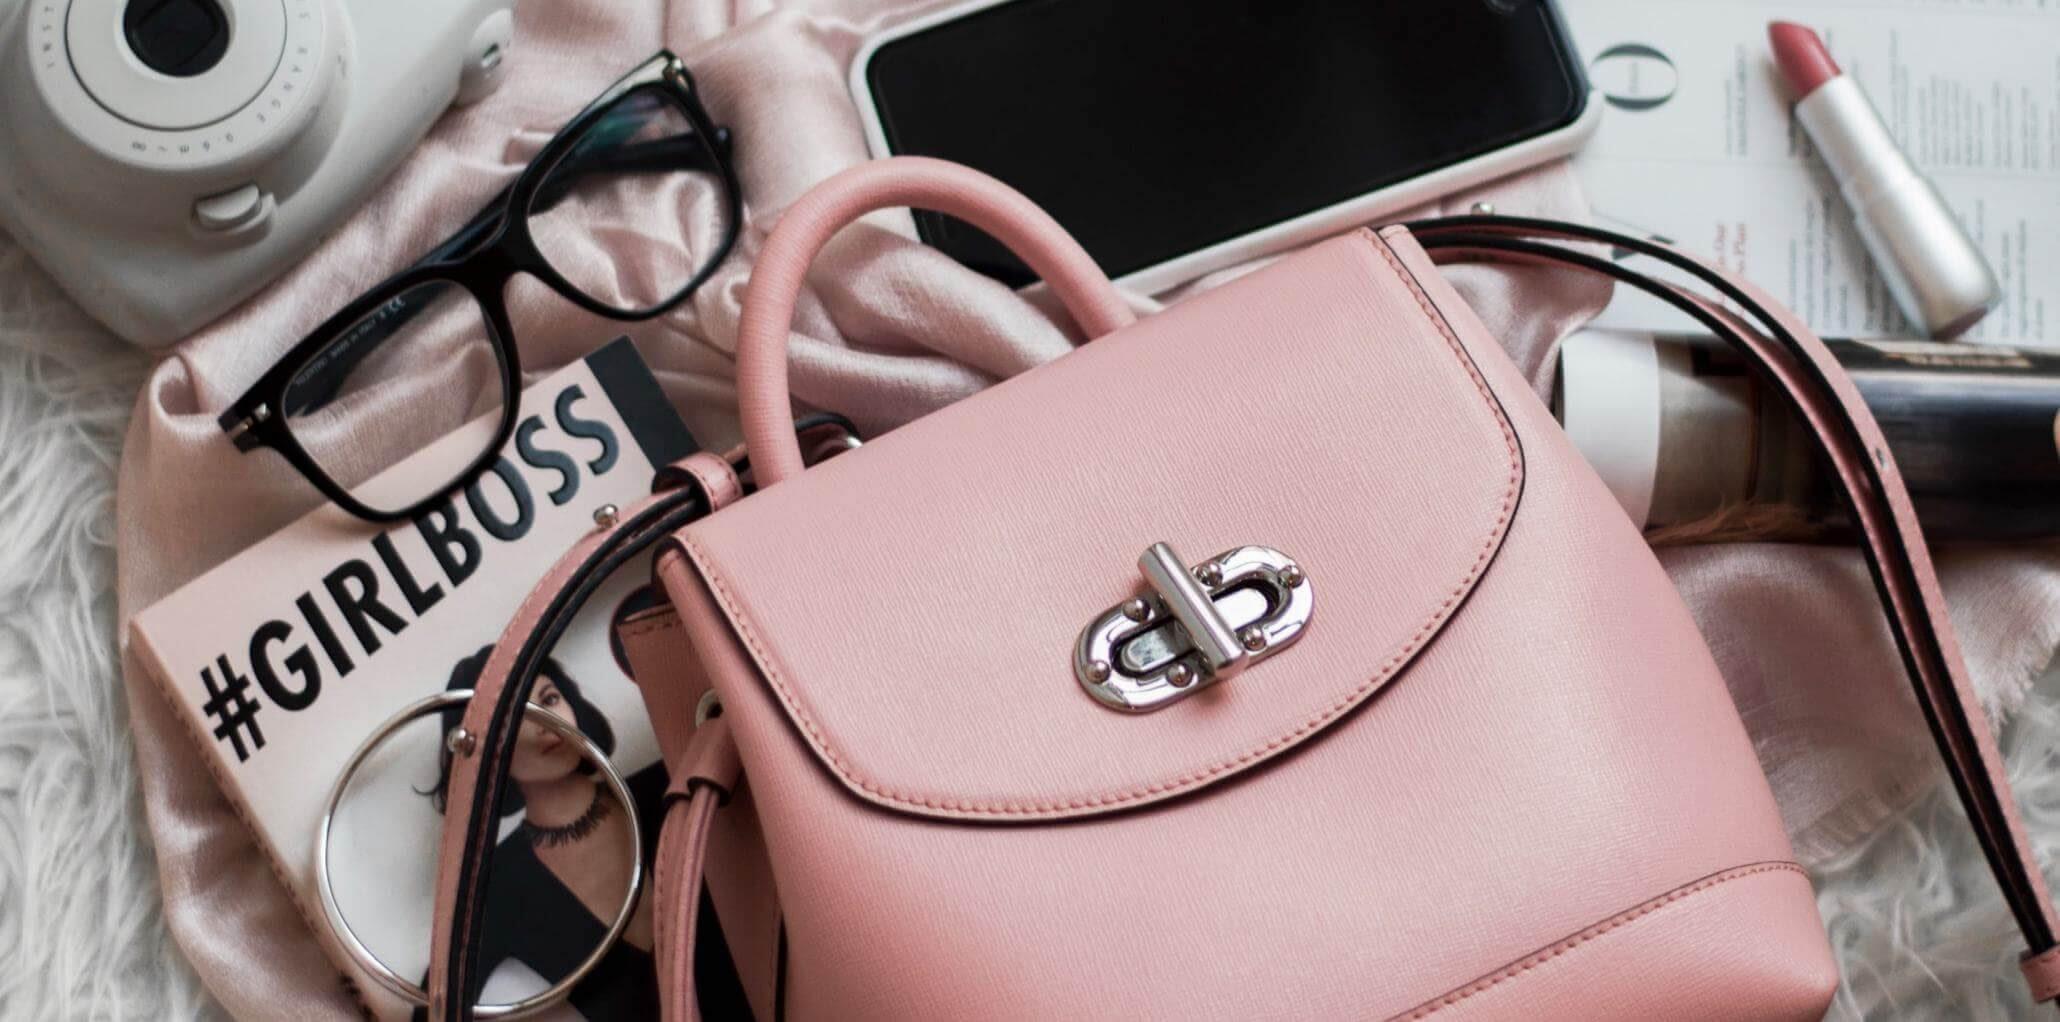 Handtasche und Inhalt auf Bett - Handtaschen aus Latex